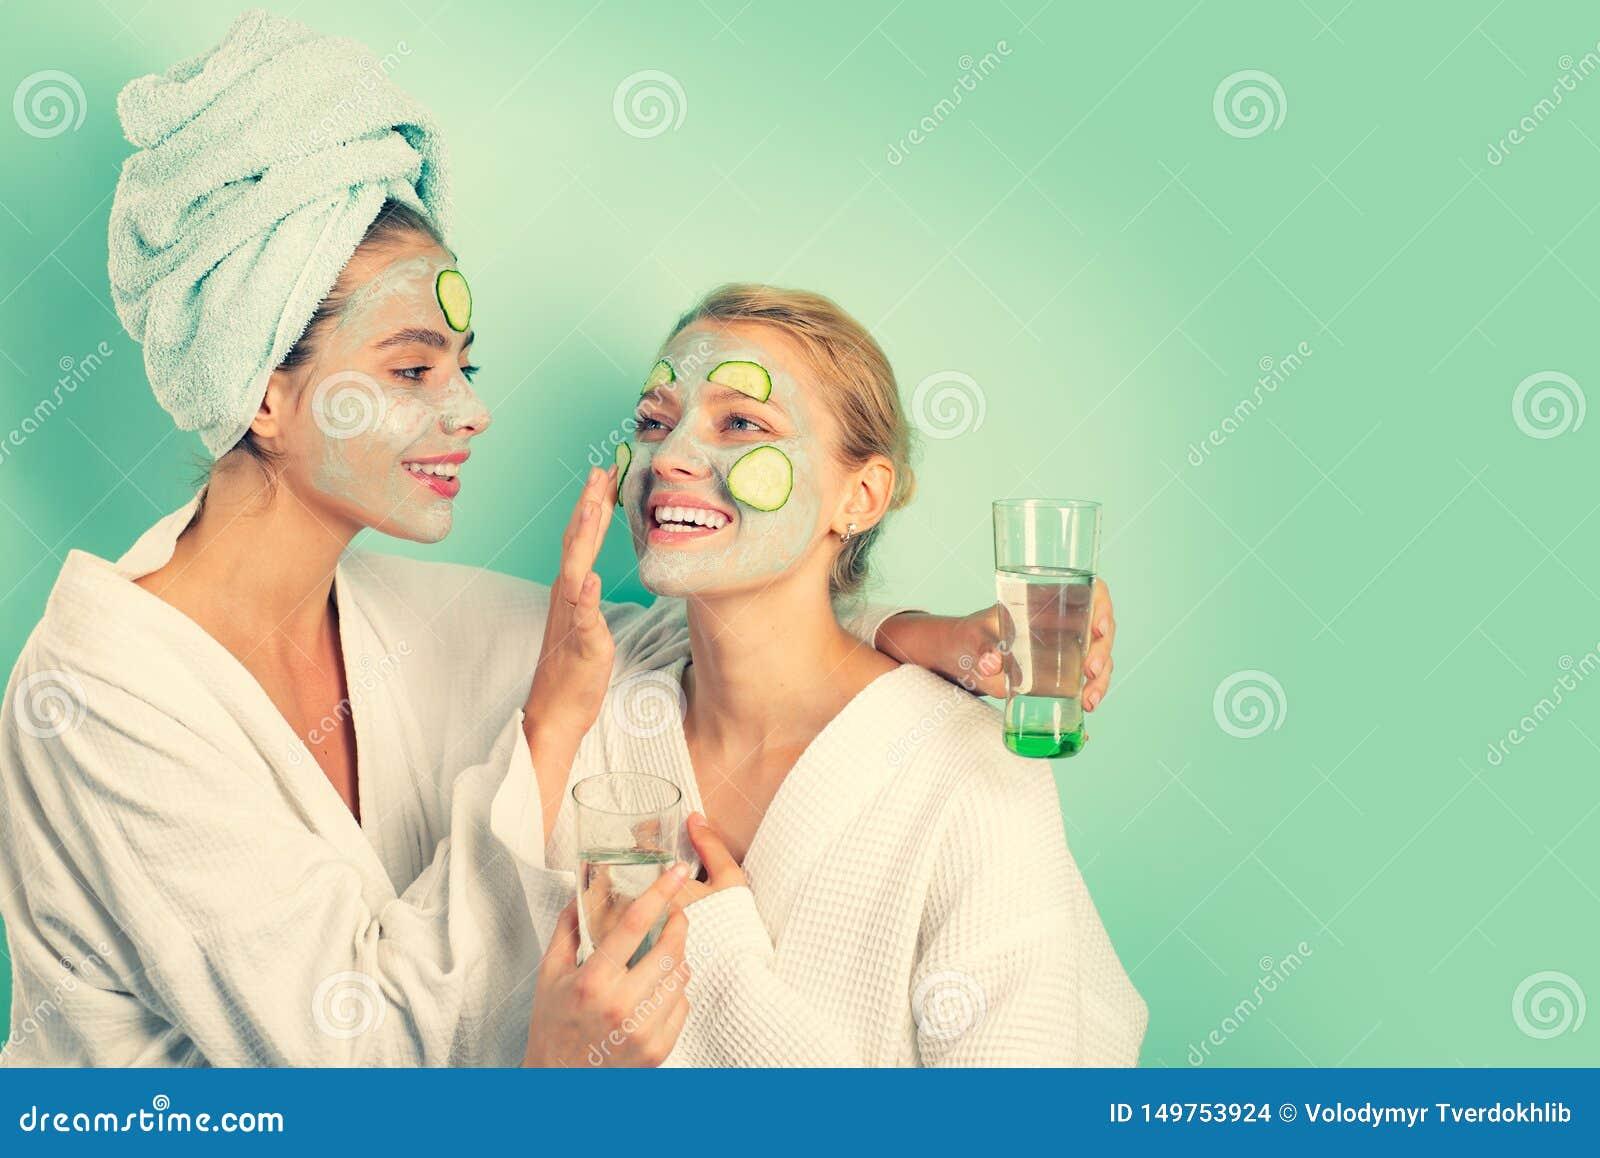 Αντι μάσκα ηλικίας Παραμονή όμορφη Φροντίδα δέρματος για πολύ καιρό όλες Γυναίκες που έχουν τη μάσκα δερμάτων αγγουριών διασκέδασ